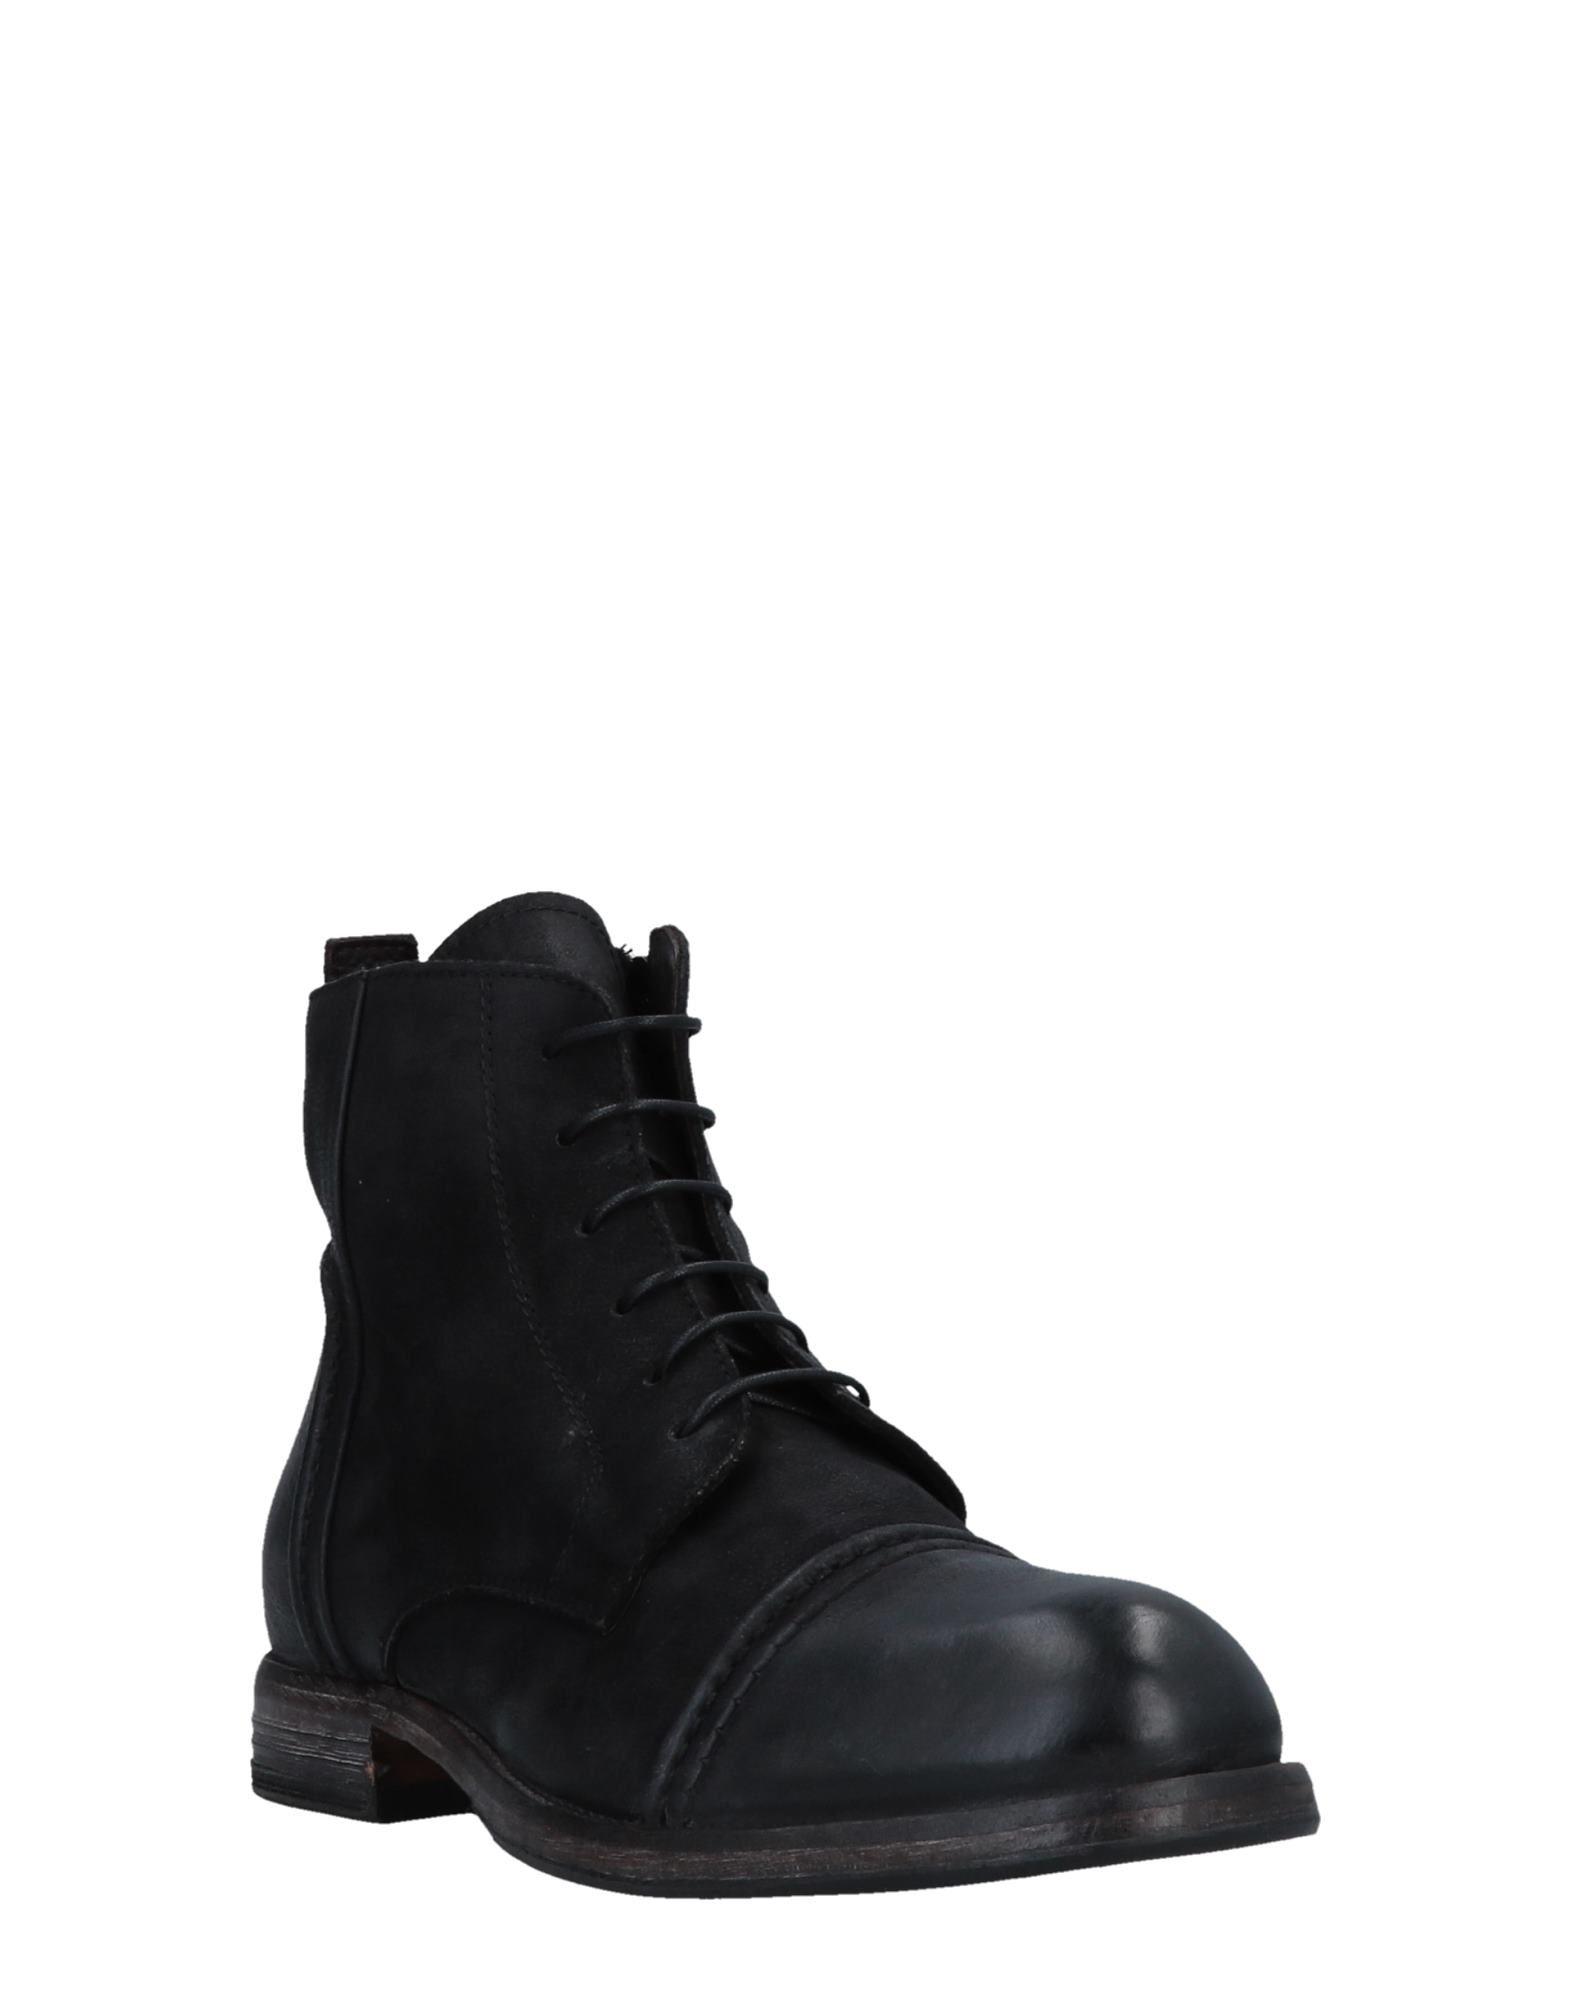 Moma Stiefelette Herren  11512671KD Gute Qualität beliebte Schuhe